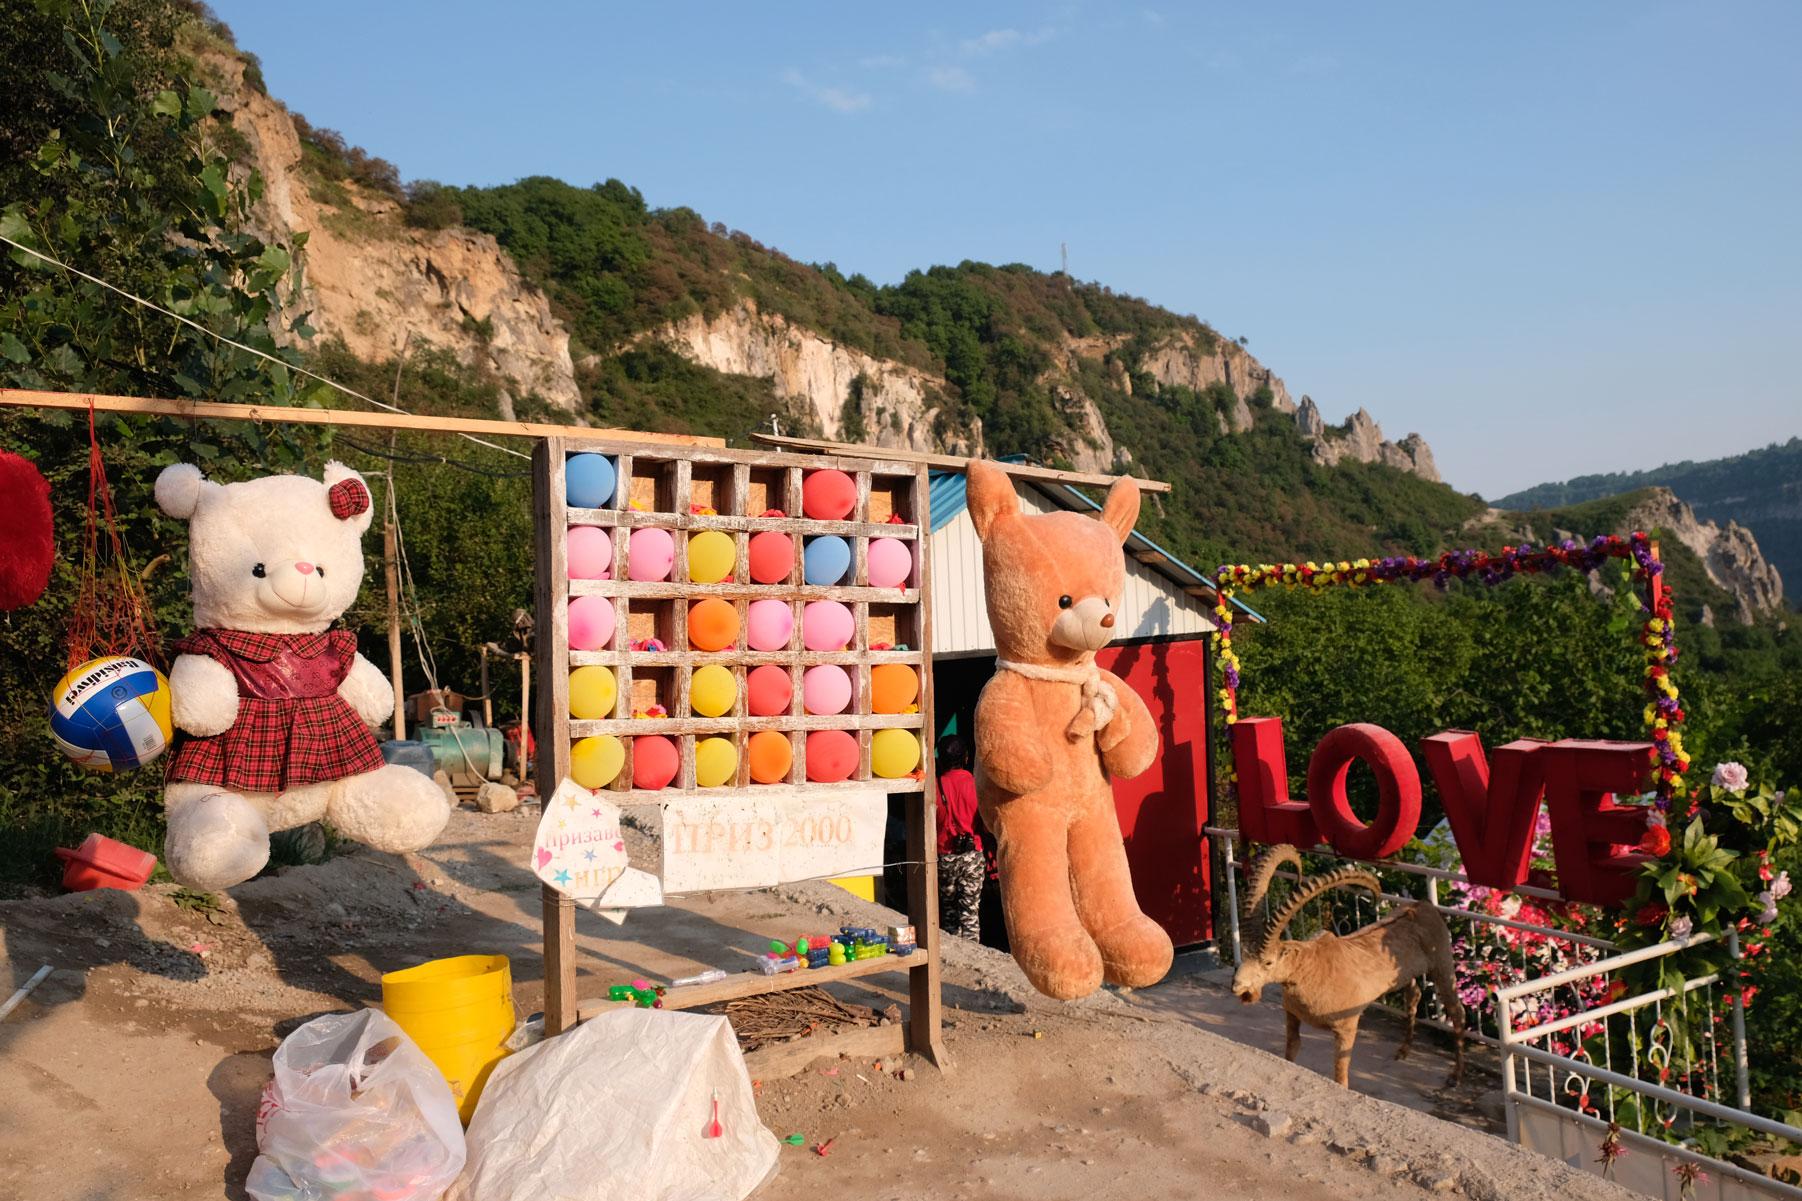 Auch ganz oben ist für Entertainment gesorgt: Mit Dartpfeilen kann auf Luftballons oder Stofftiere geworfen werden